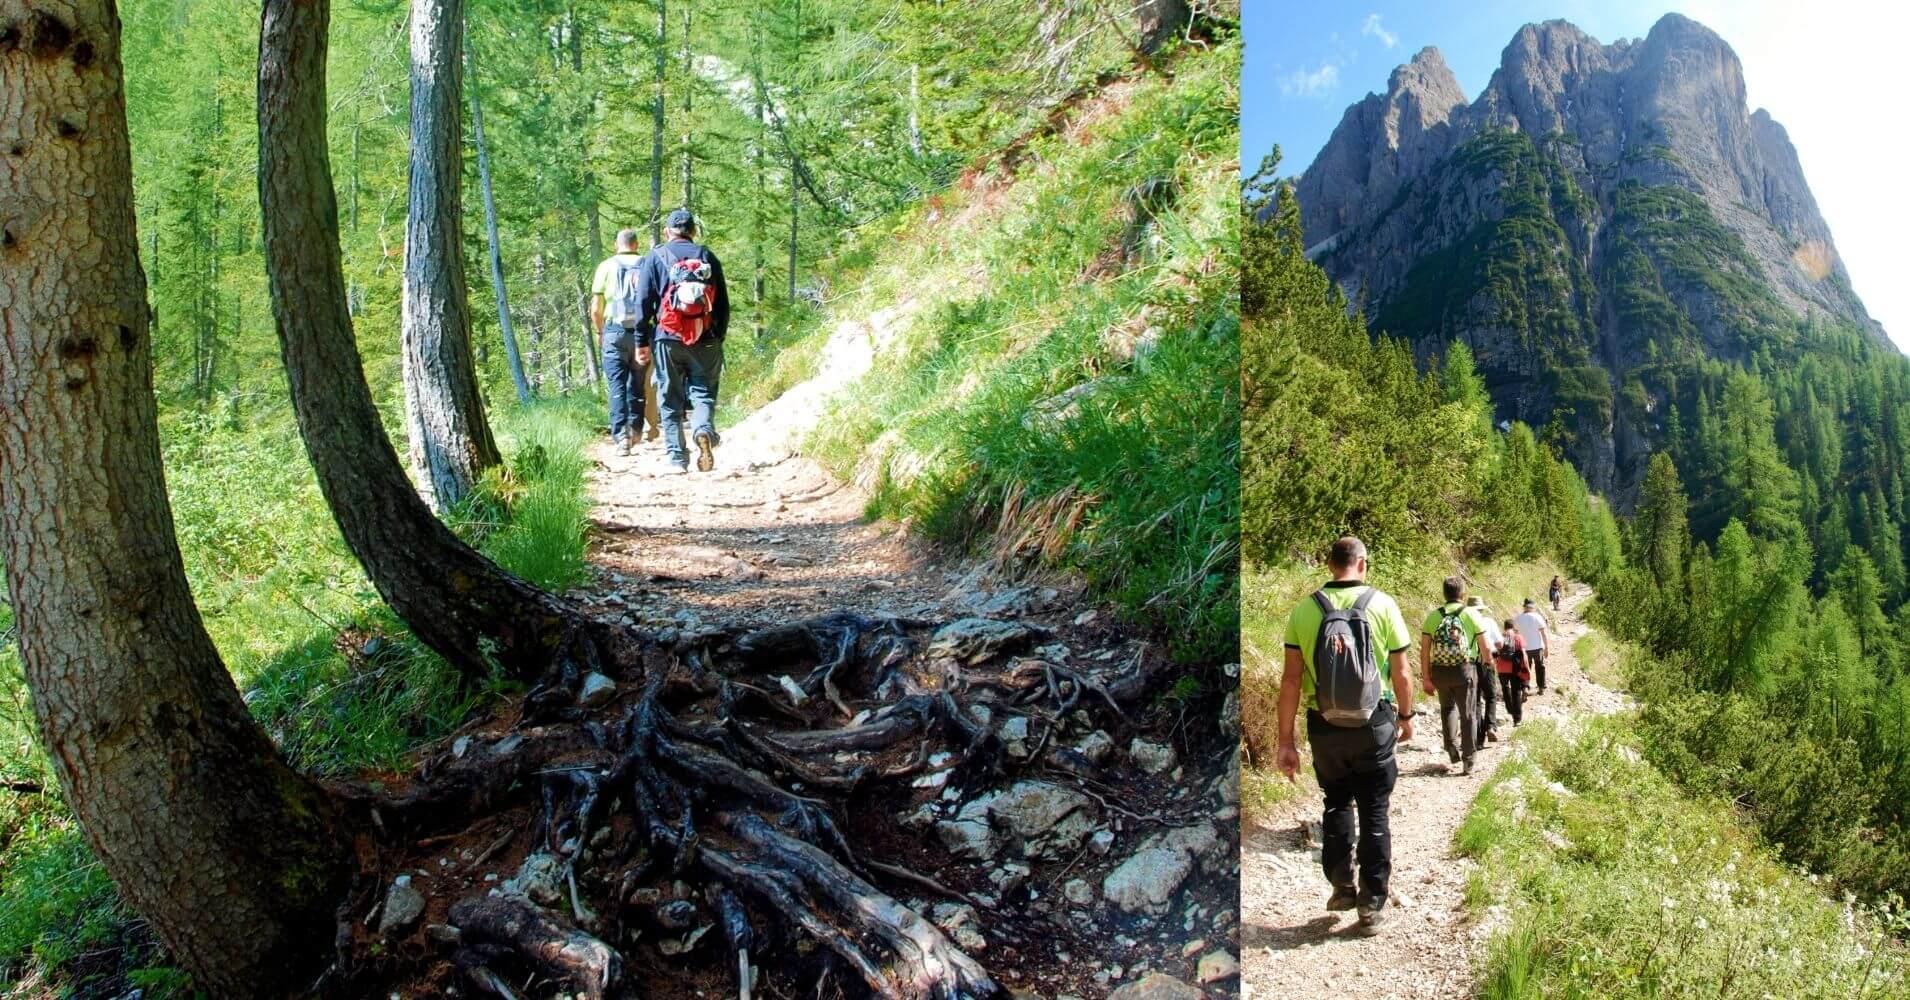 Bosque Camino del Lago di Sorapis. Cortina d' Ampezzo. Dolomitas, Belluno. Véneto. Italia.